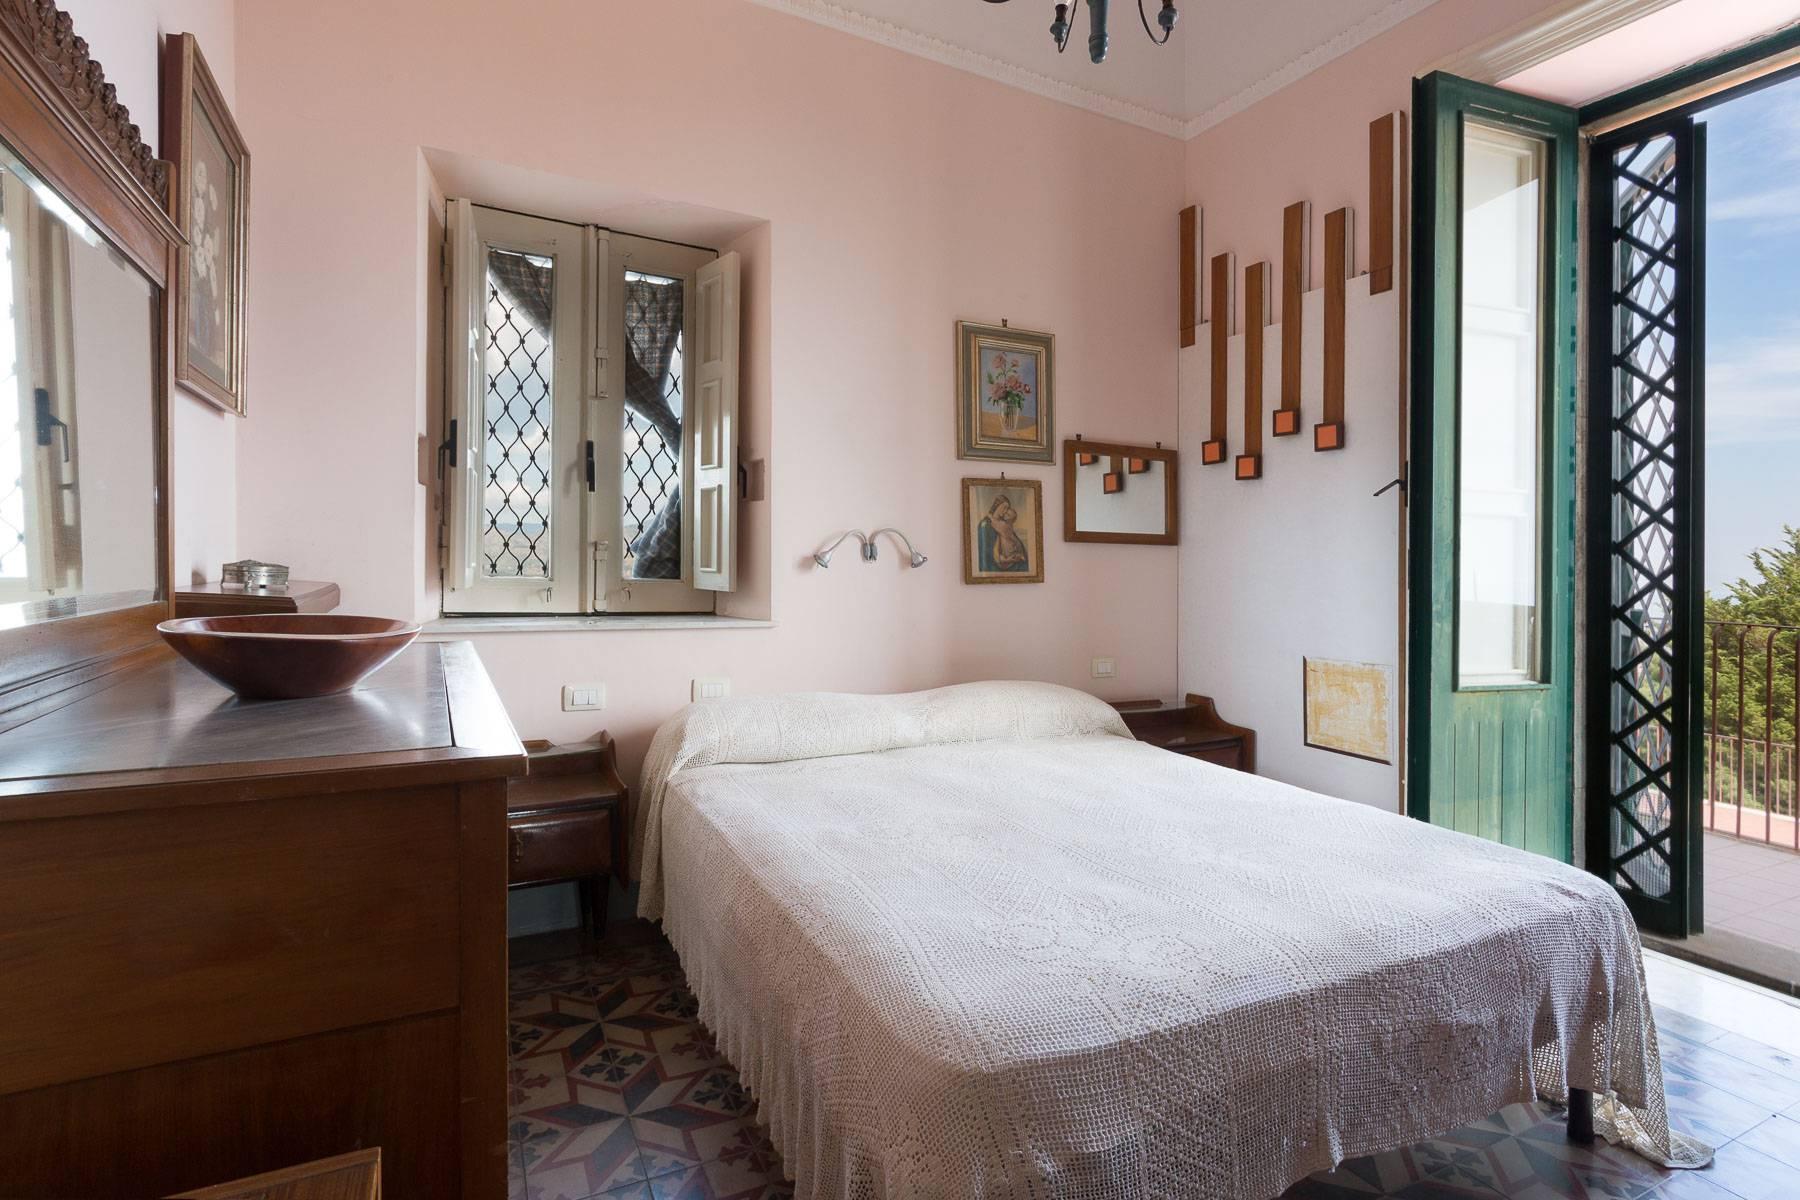 Villa in Vendita a Piedimonte Etneo: 5 locali, 1170 mq - Foto 15